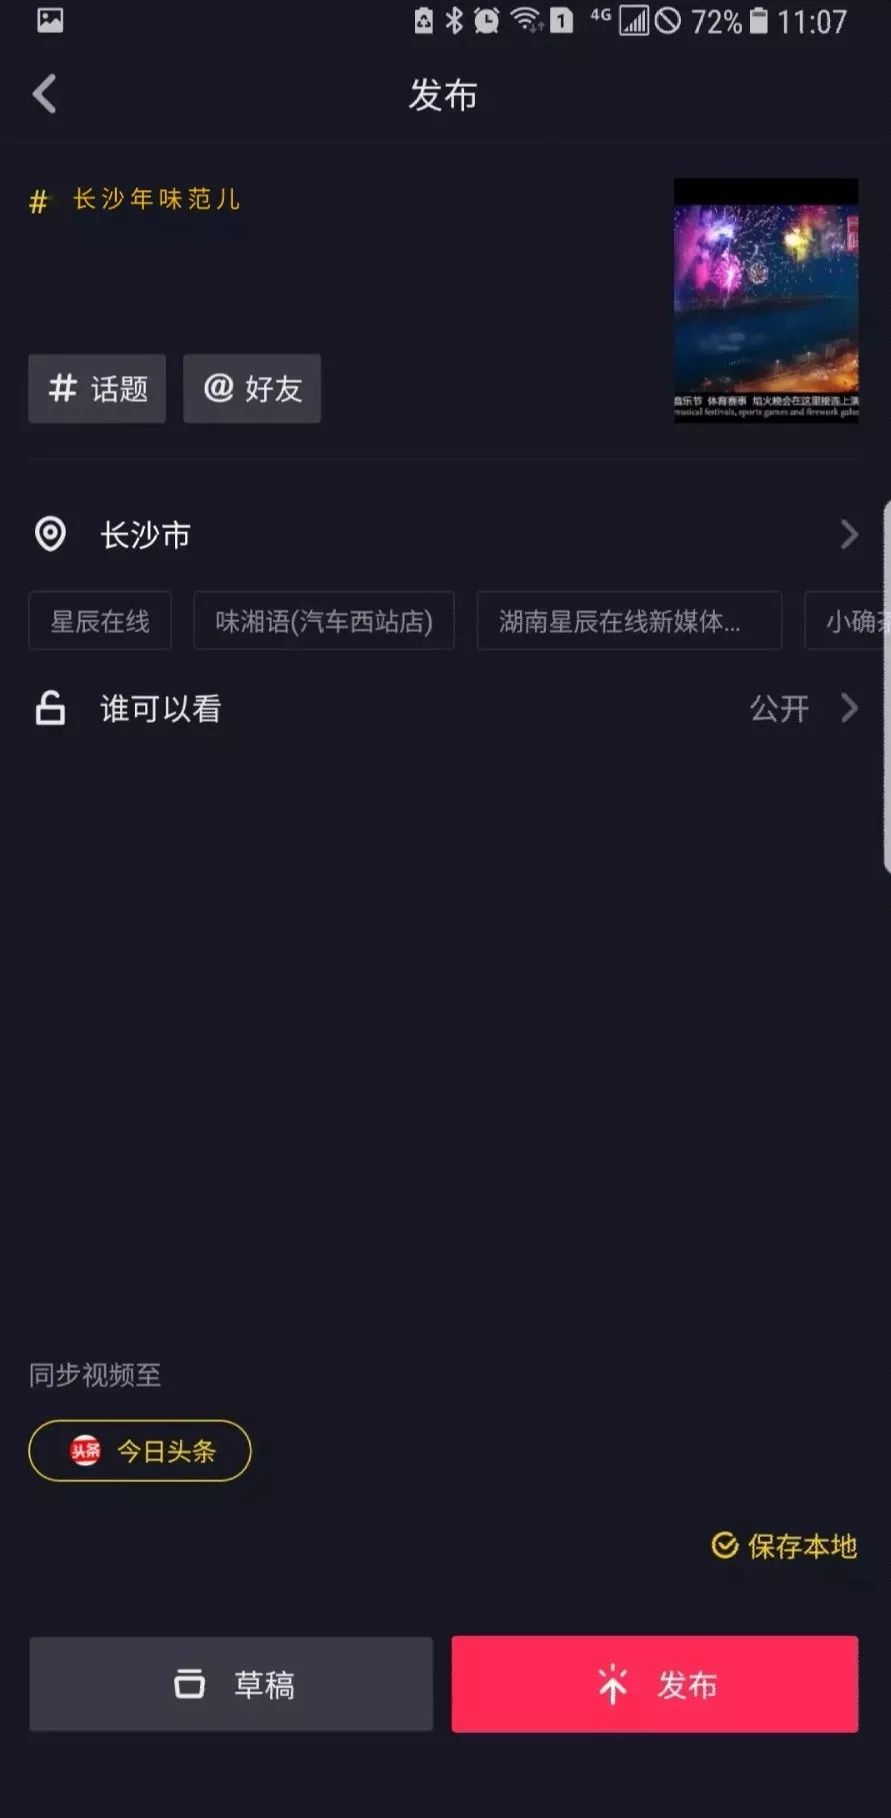 2019年春节火宫殿城大庙会潮拍庙会怎么玩?